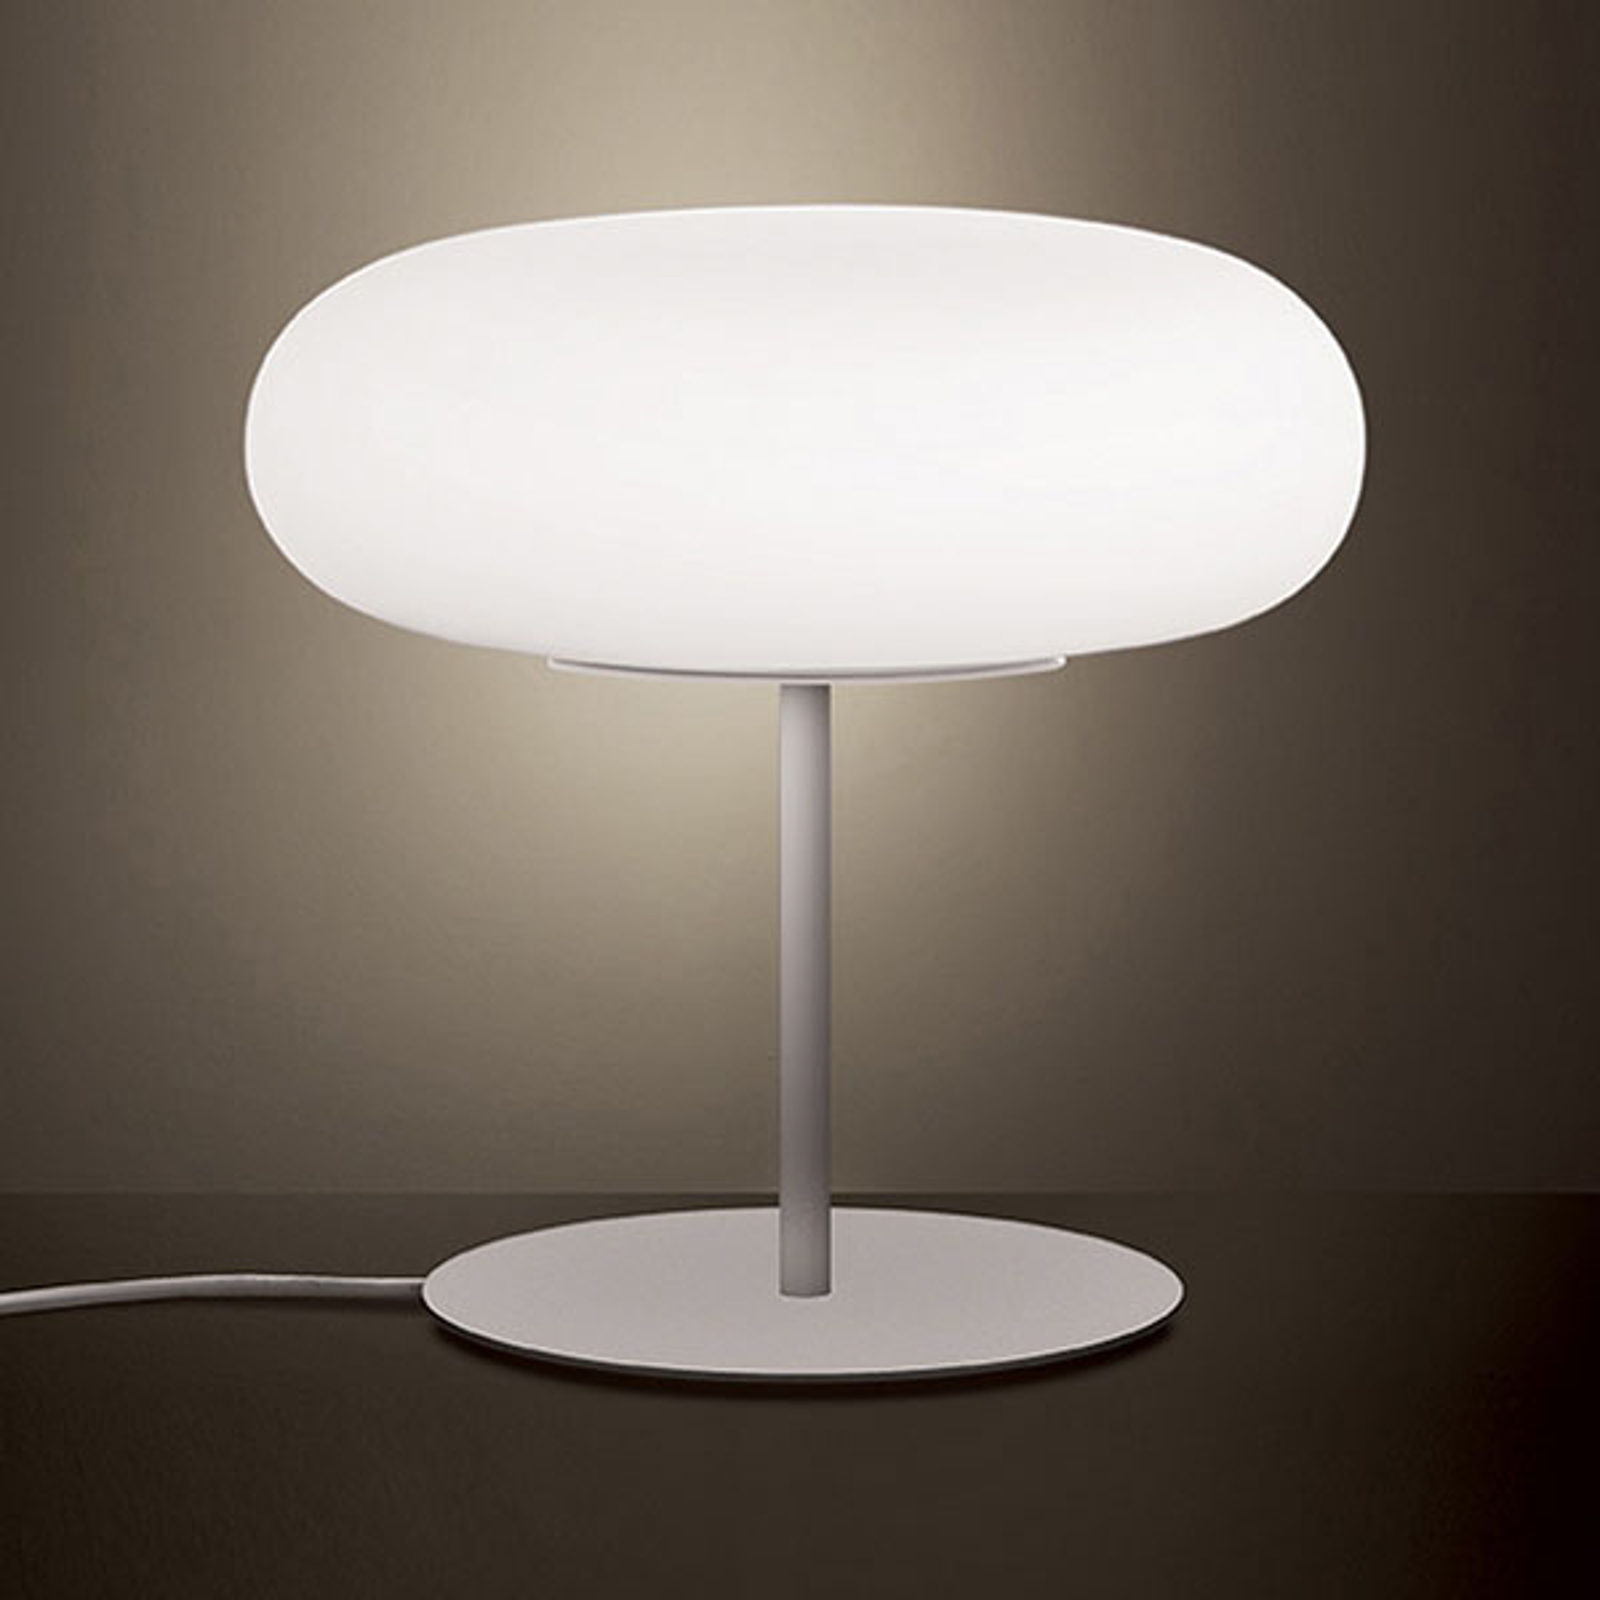 Artemide Itka stolní lampa Ø 35 cm sed stojanem